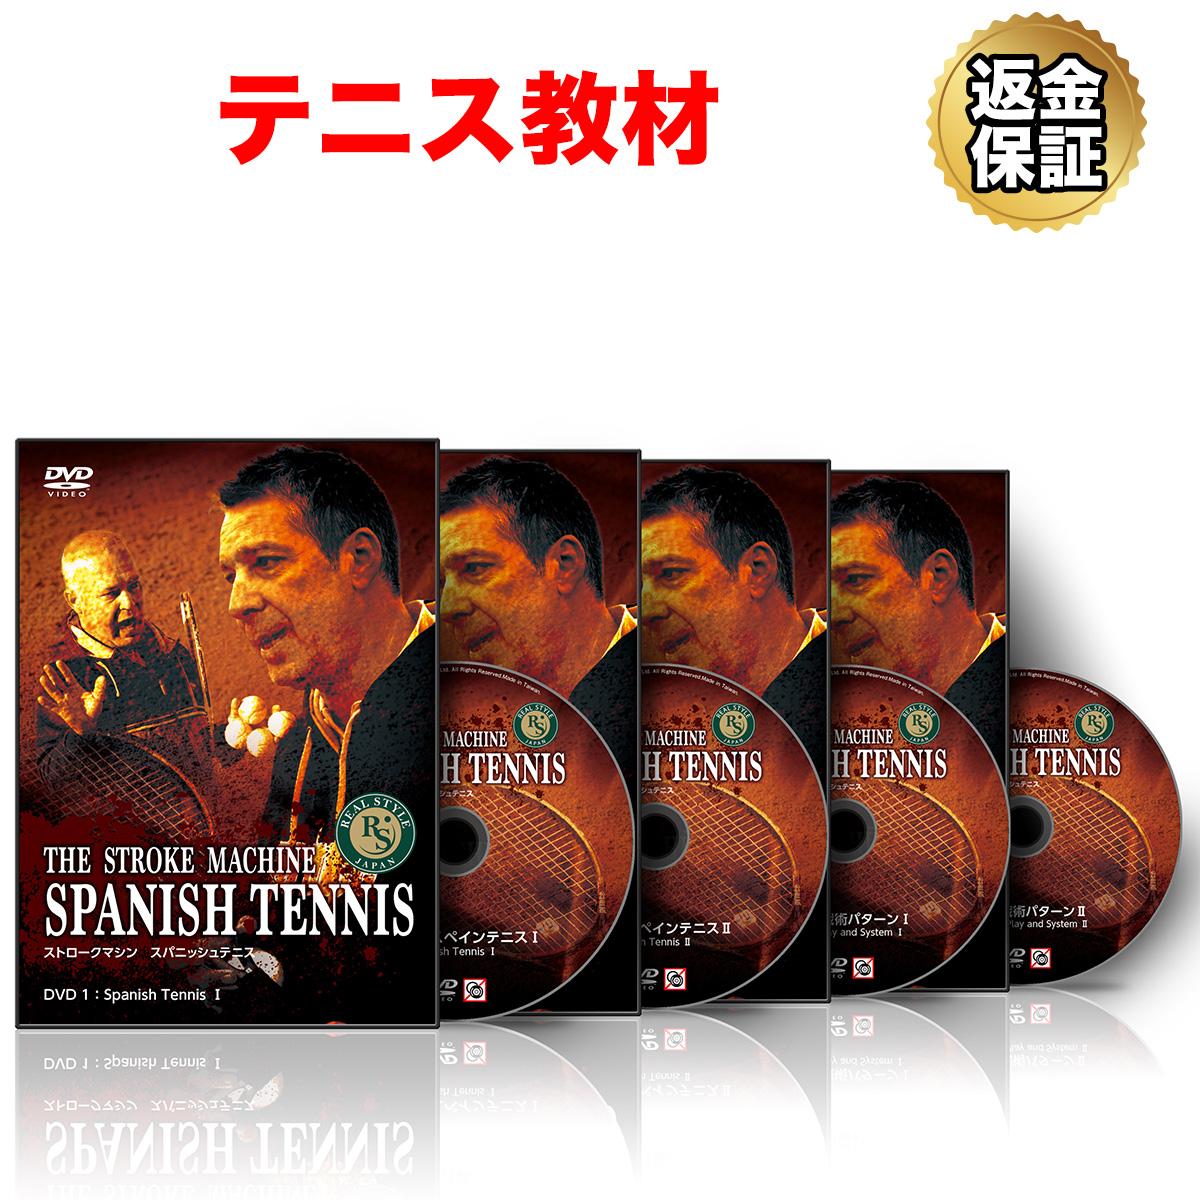 【テニス】THE STROKE MACHINE SPANISH TENNIS Disc1~4